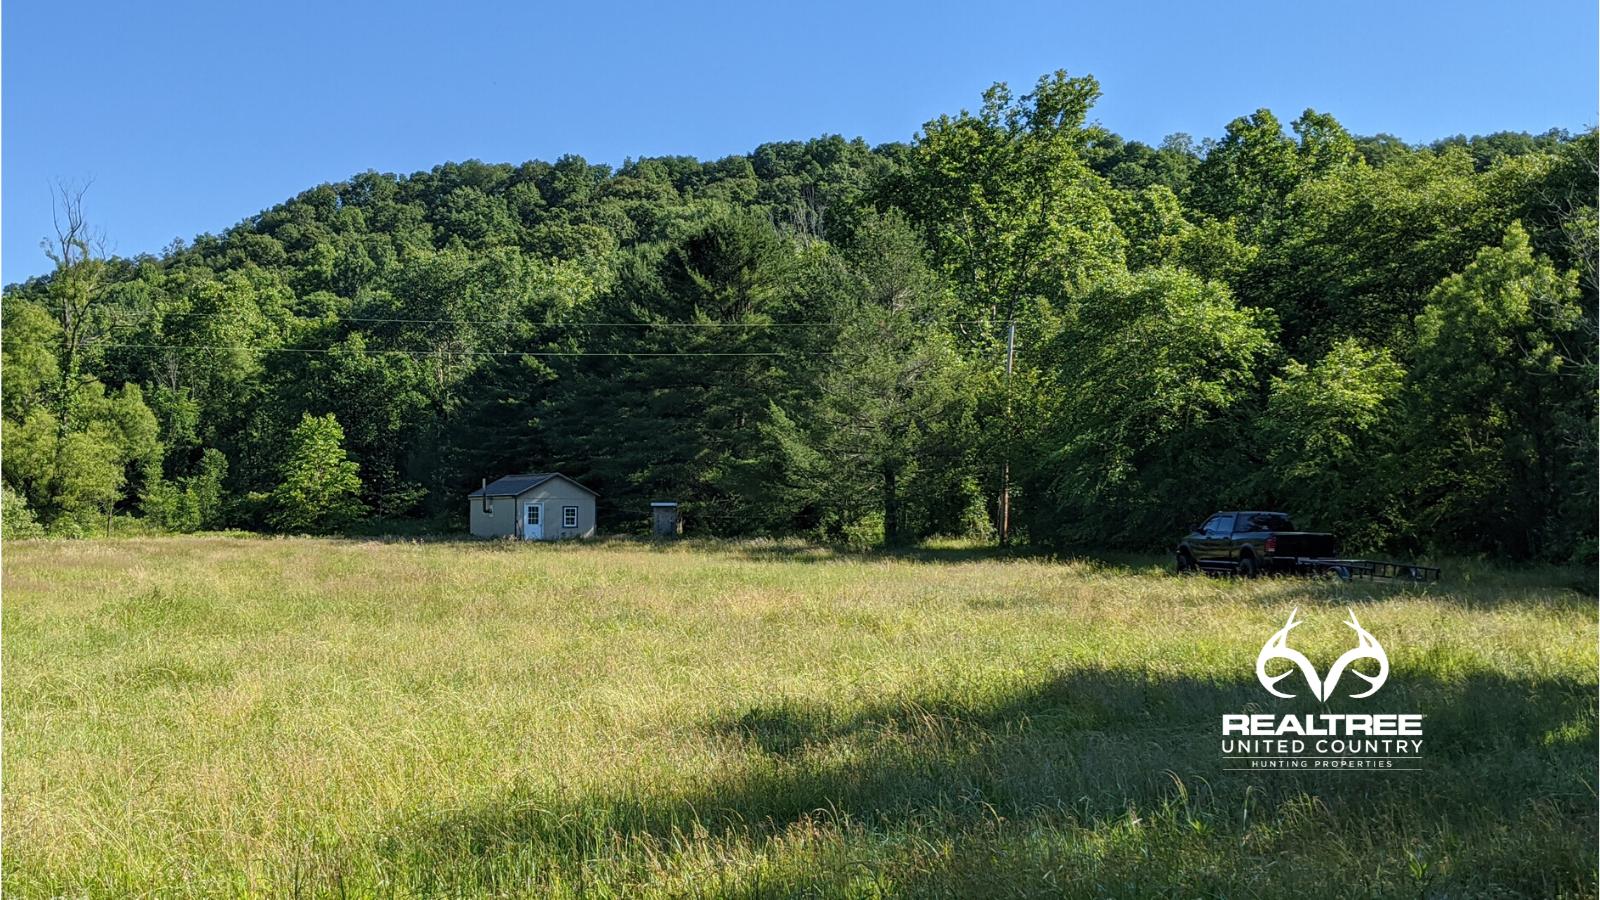 27 Acre Ohio Recreational Property